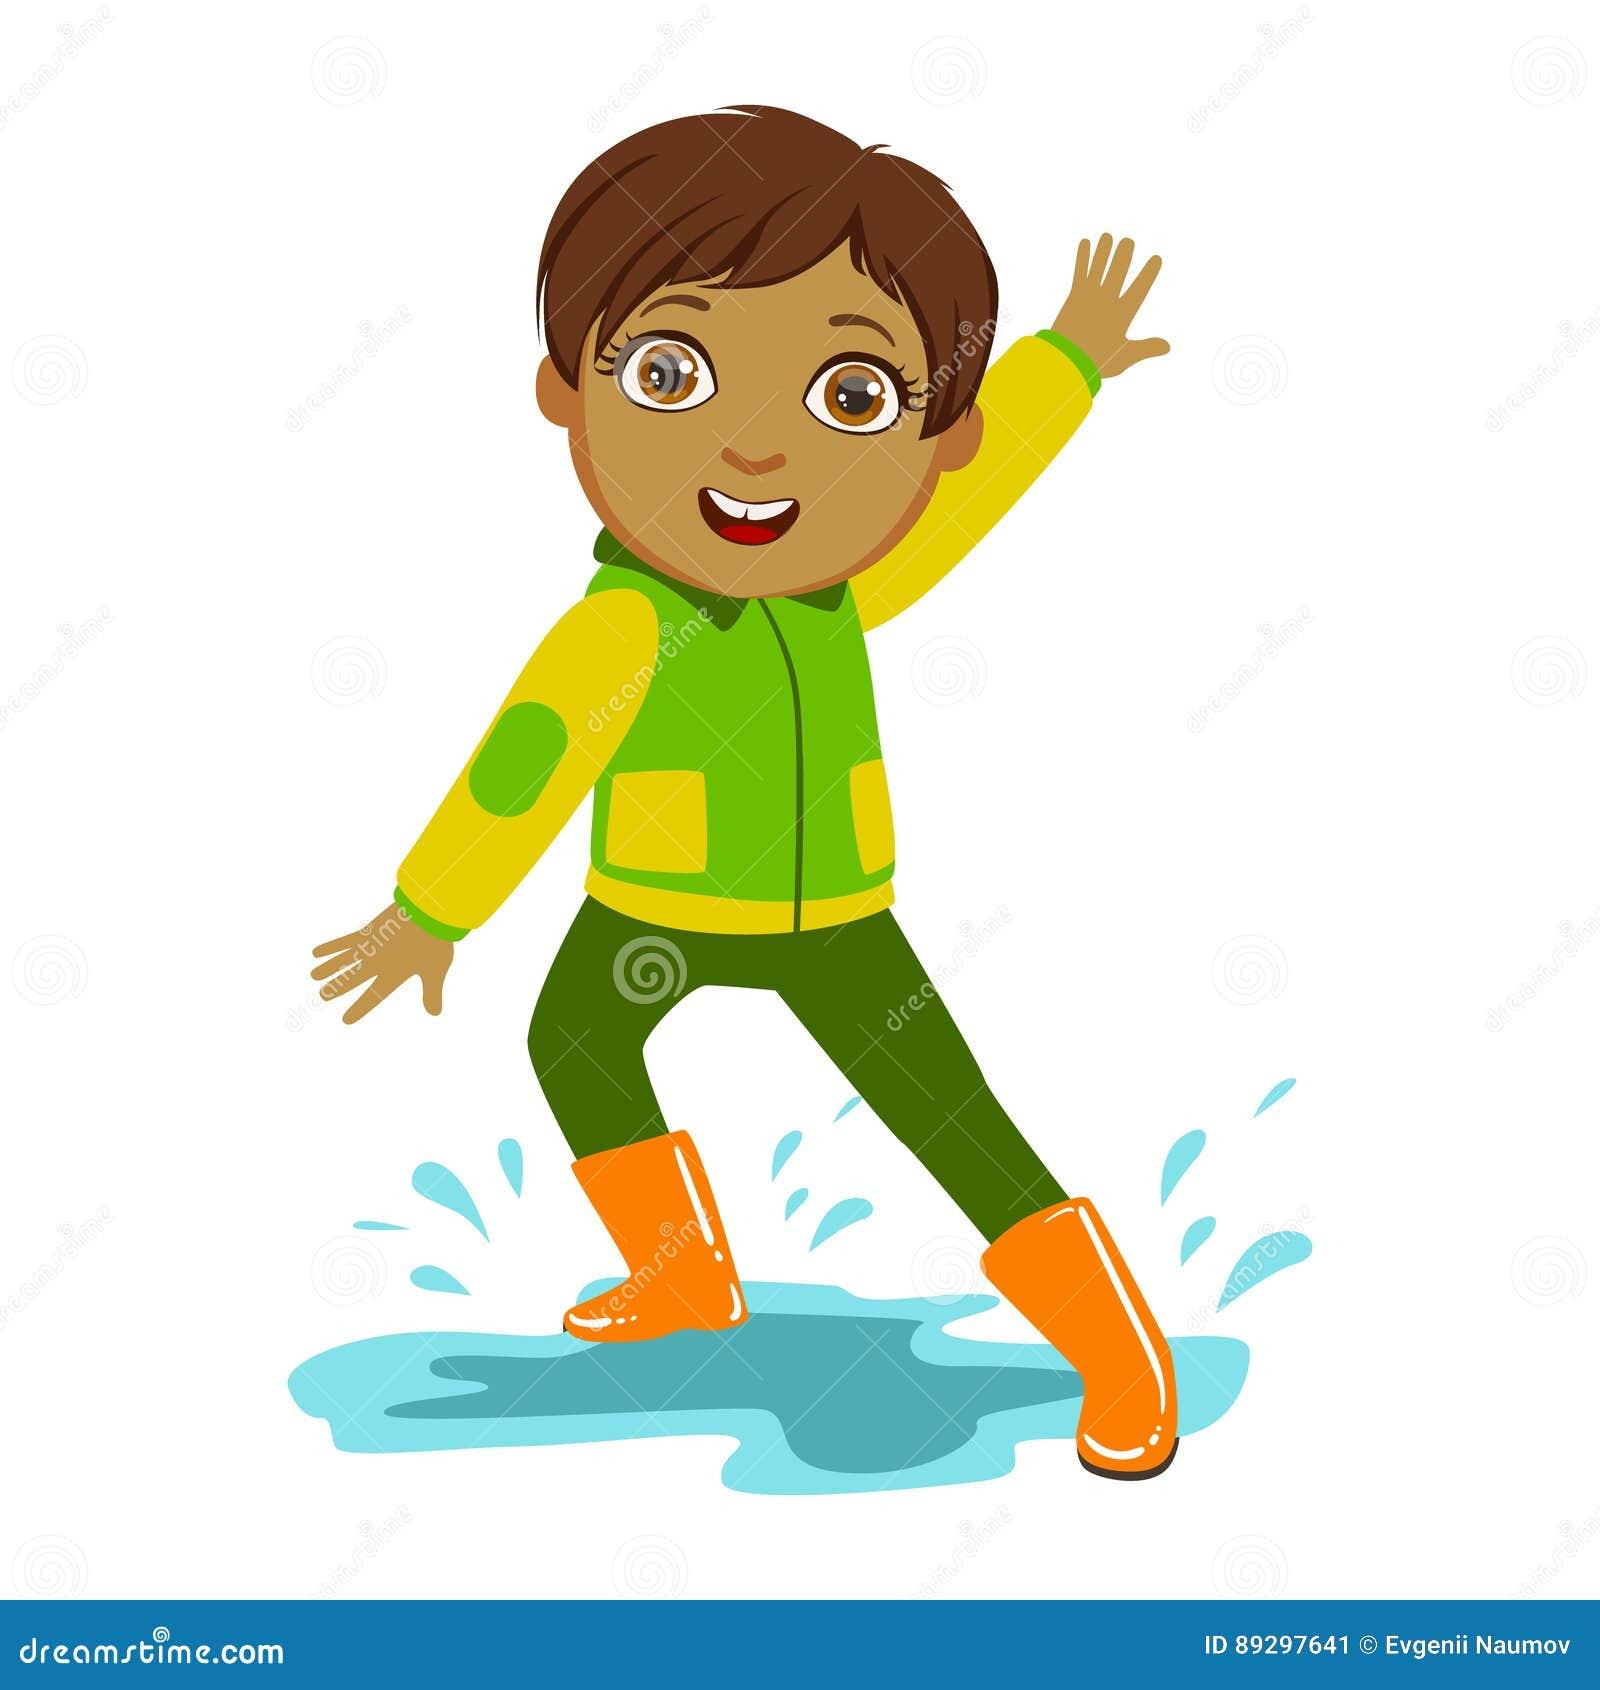 Pojke i grönt och gult omslag, unge i Autumn Clothes In Fall Season Enjoyingn regn och regnigt väder, färgstänk och